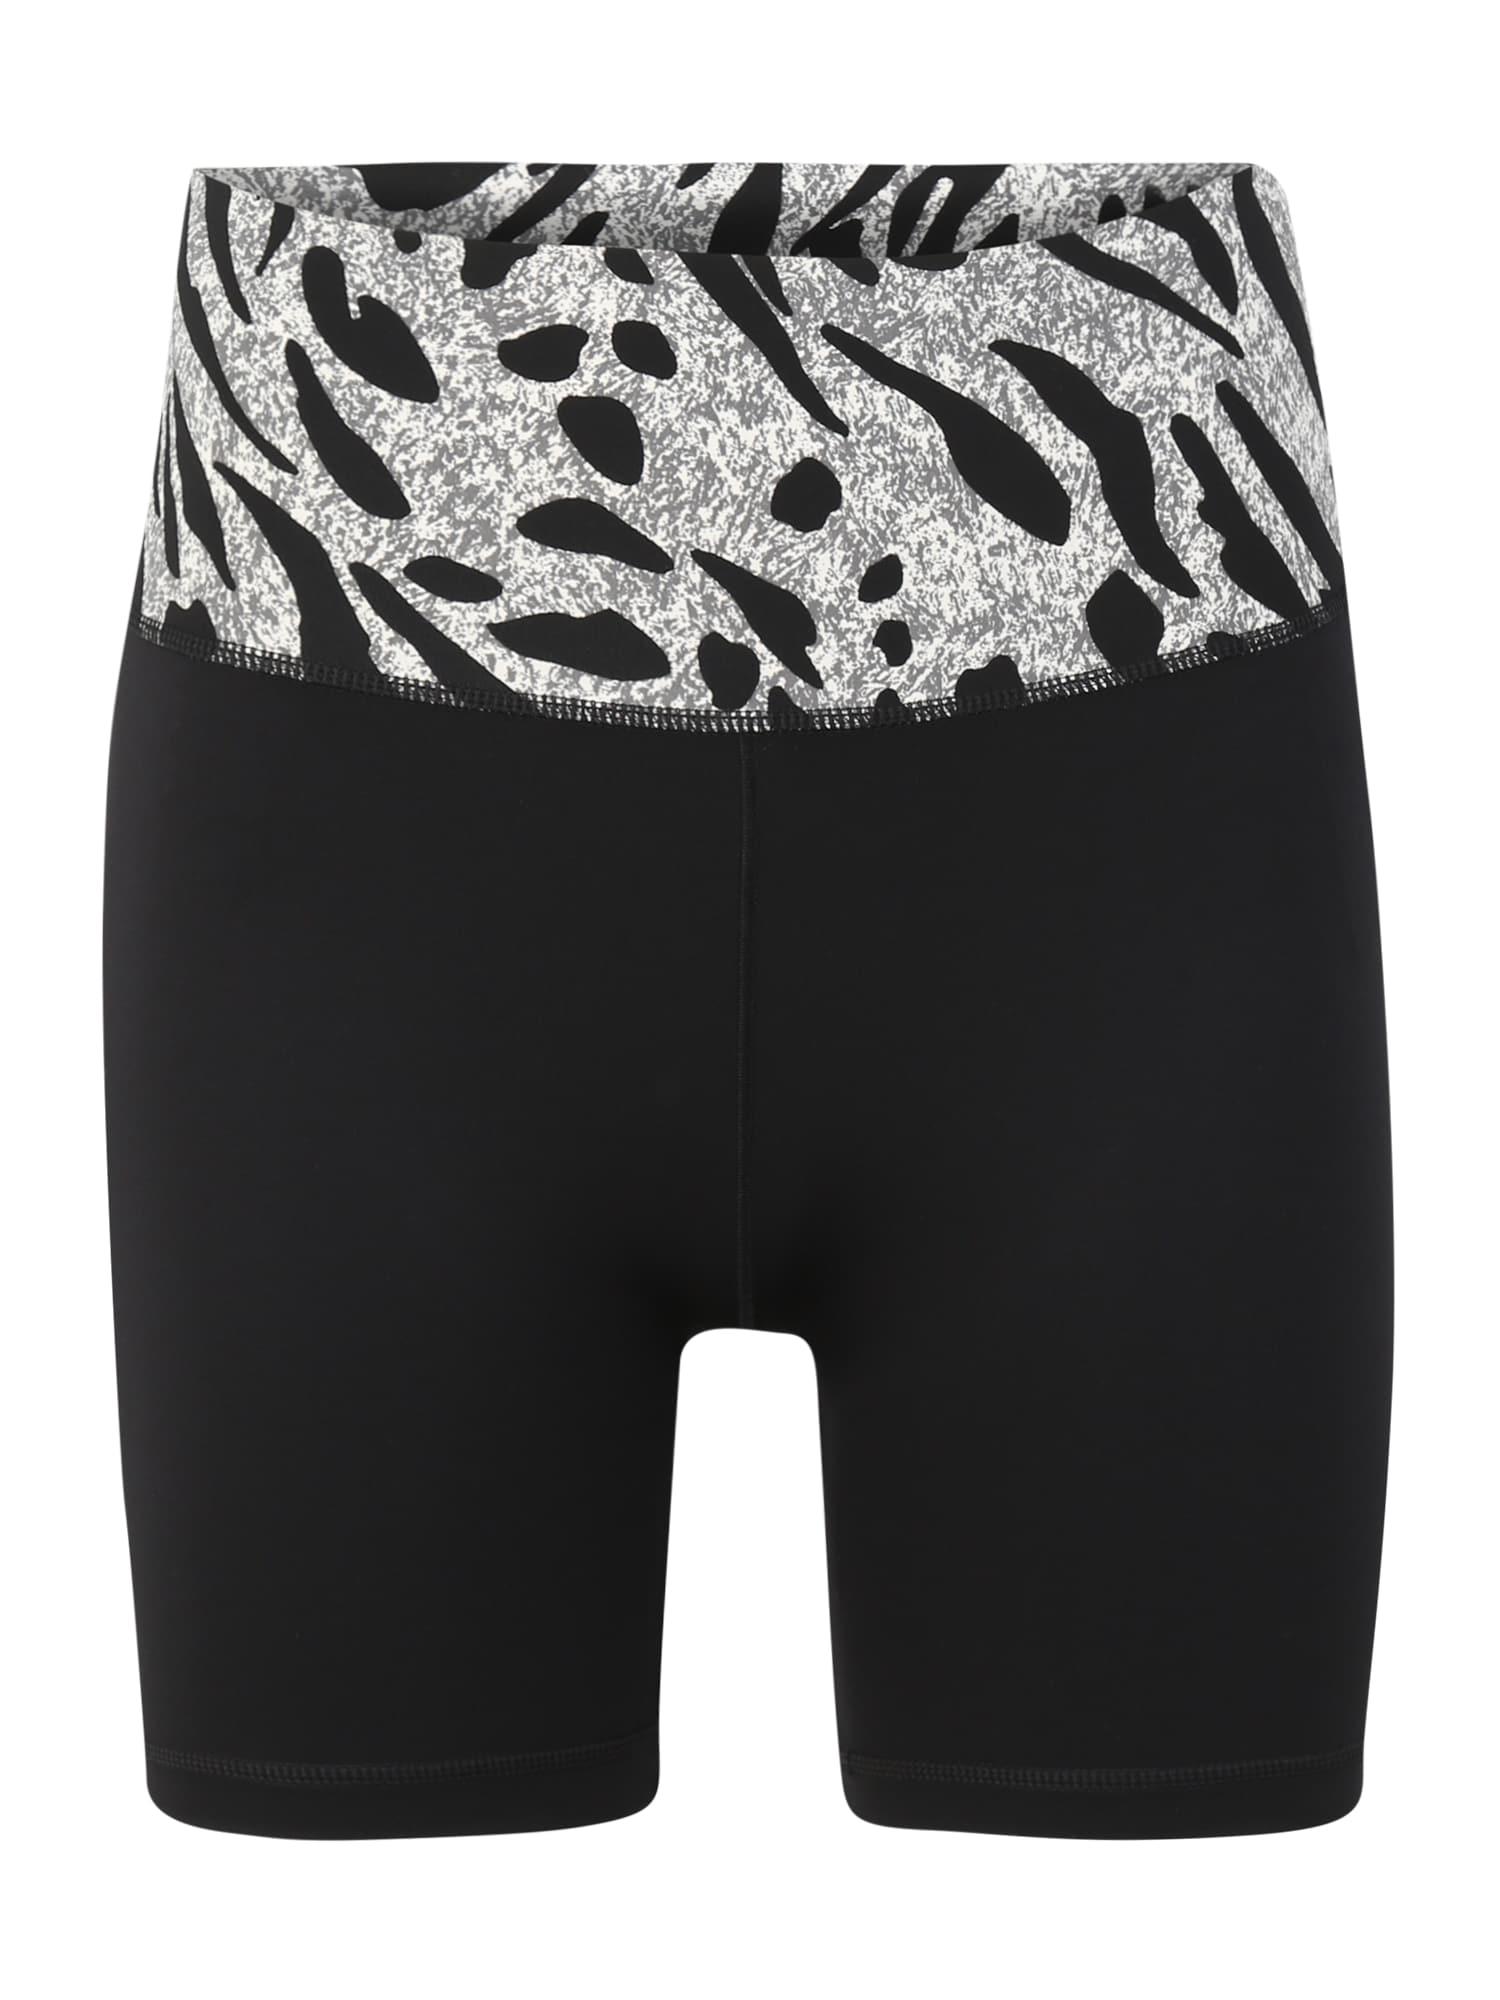 ADIDAS PERFORMANCE Sportinės kelnės 'AIQ2' šviesiai pilka / juoda